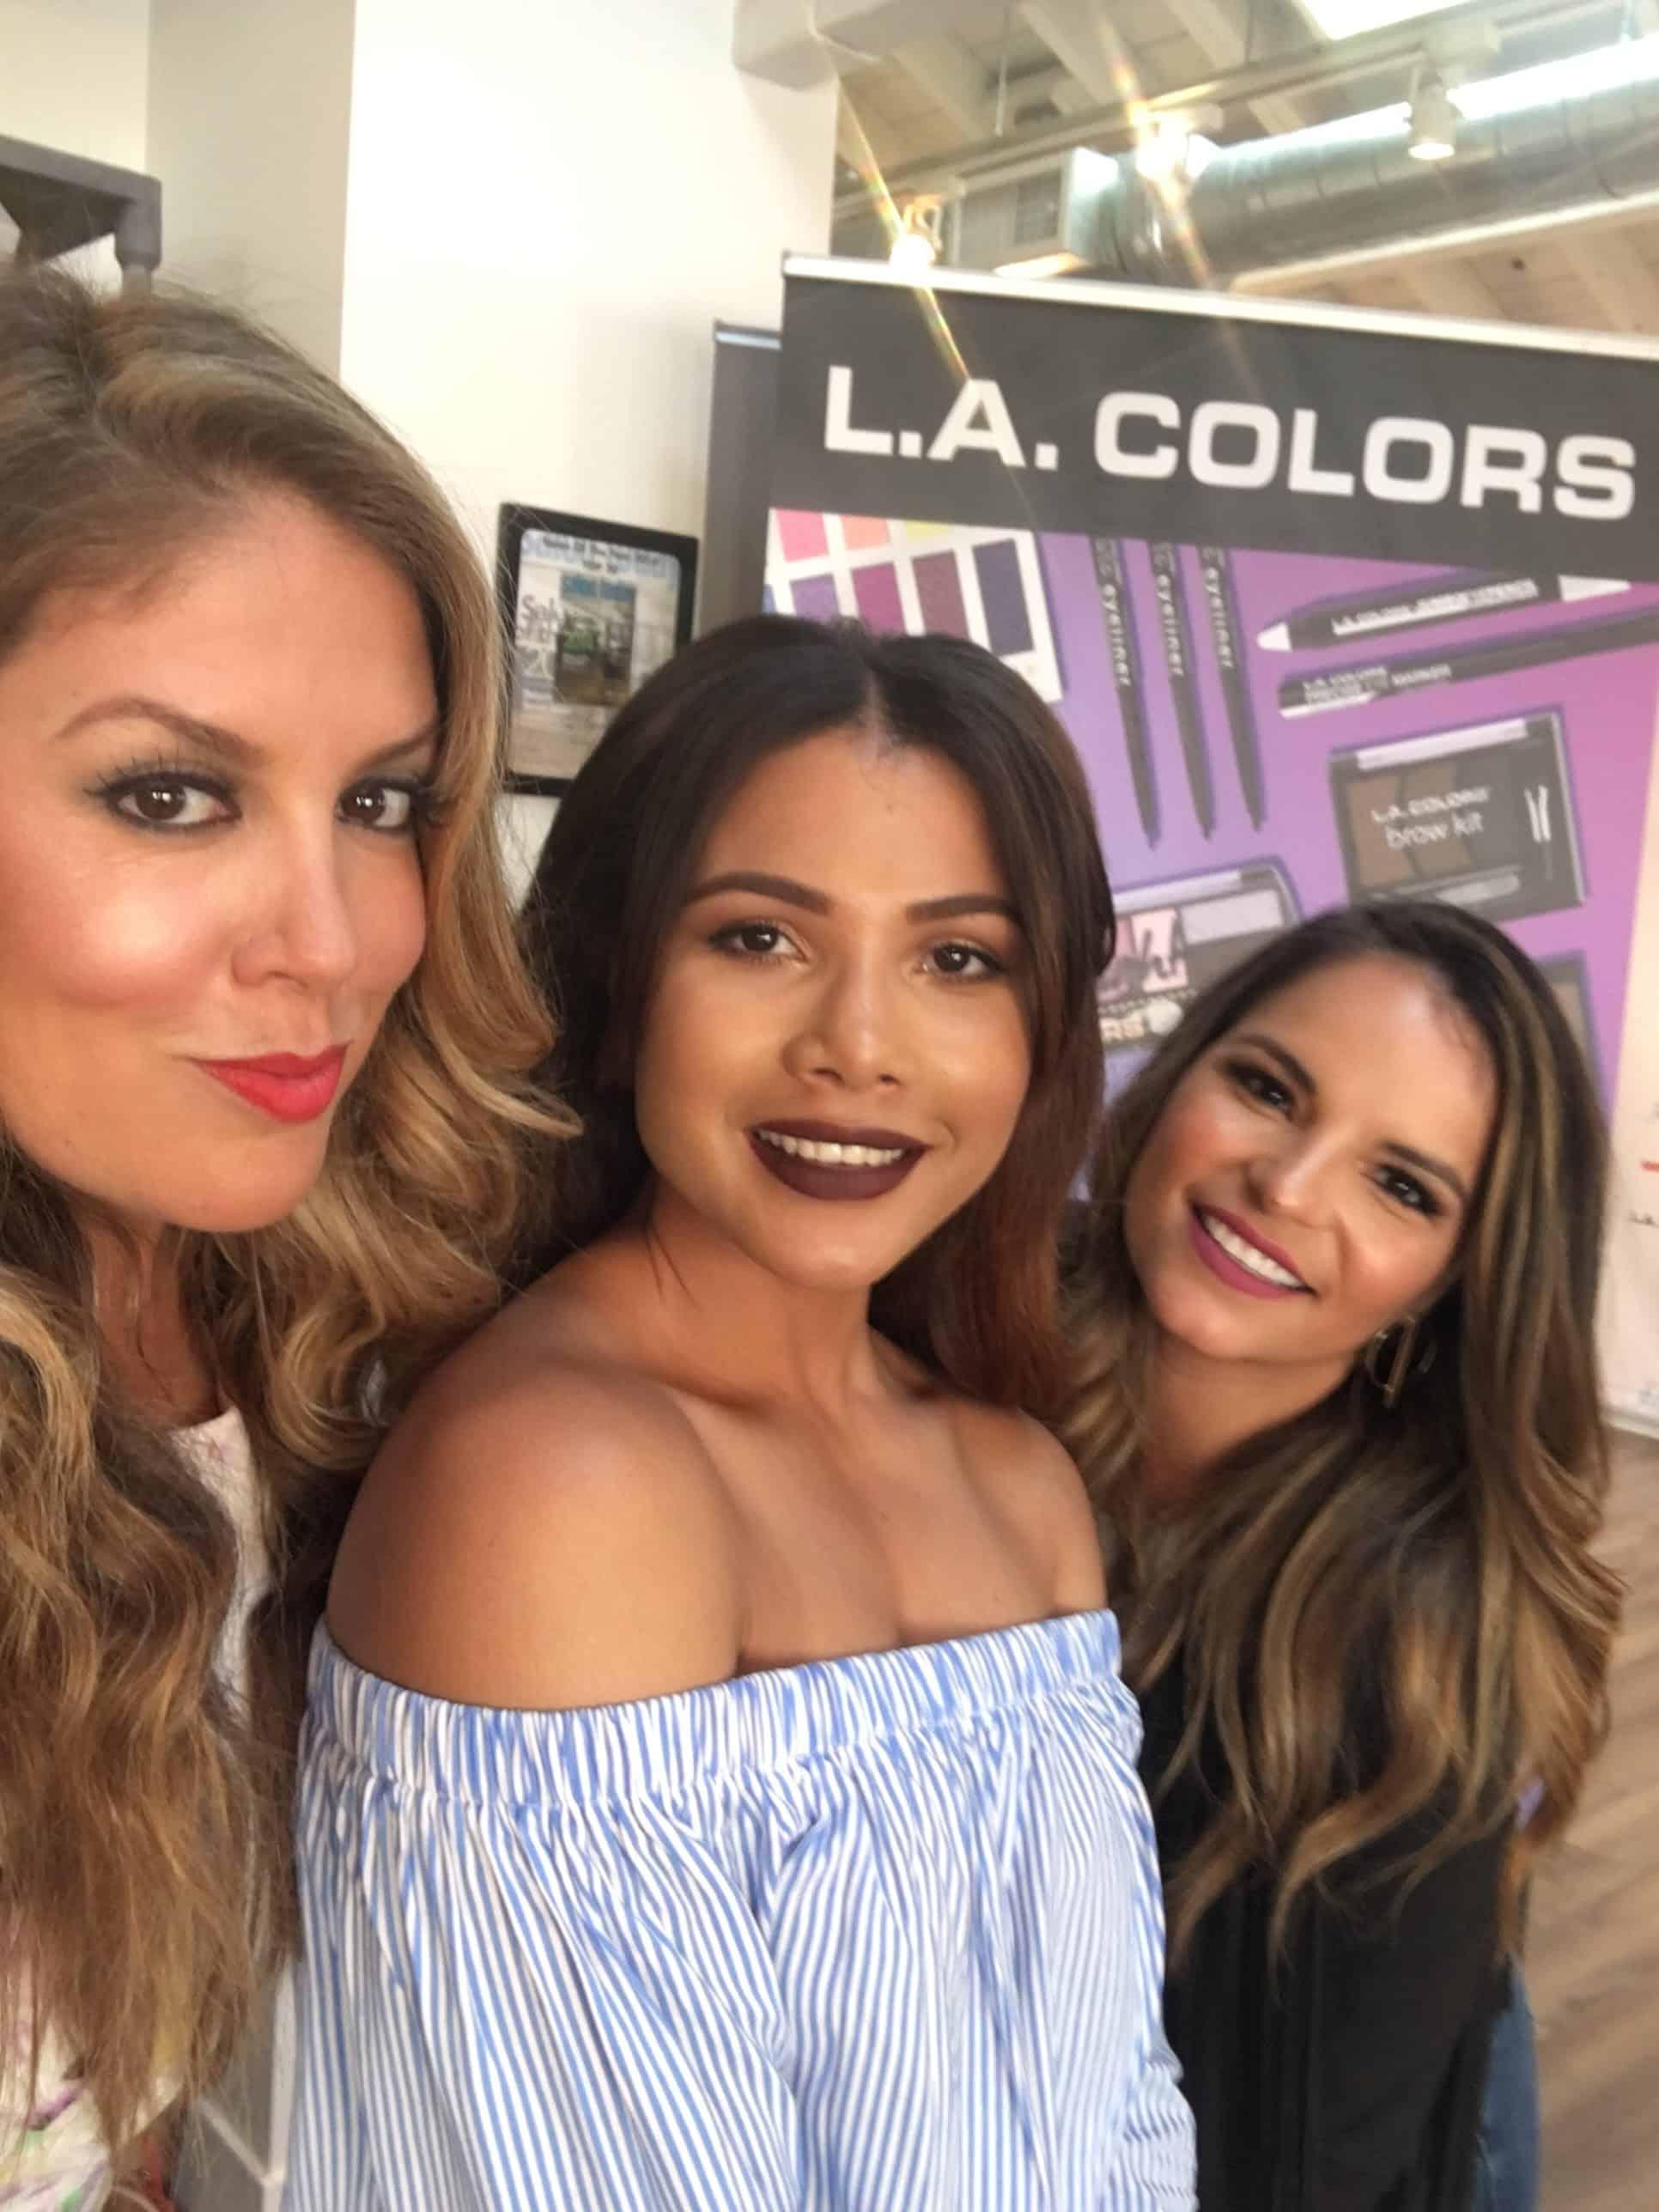 L.A.Colors-makeup-look-at-family-dollar-with-doralysbritto-claudia-felix-garay-lizza-monet-morales